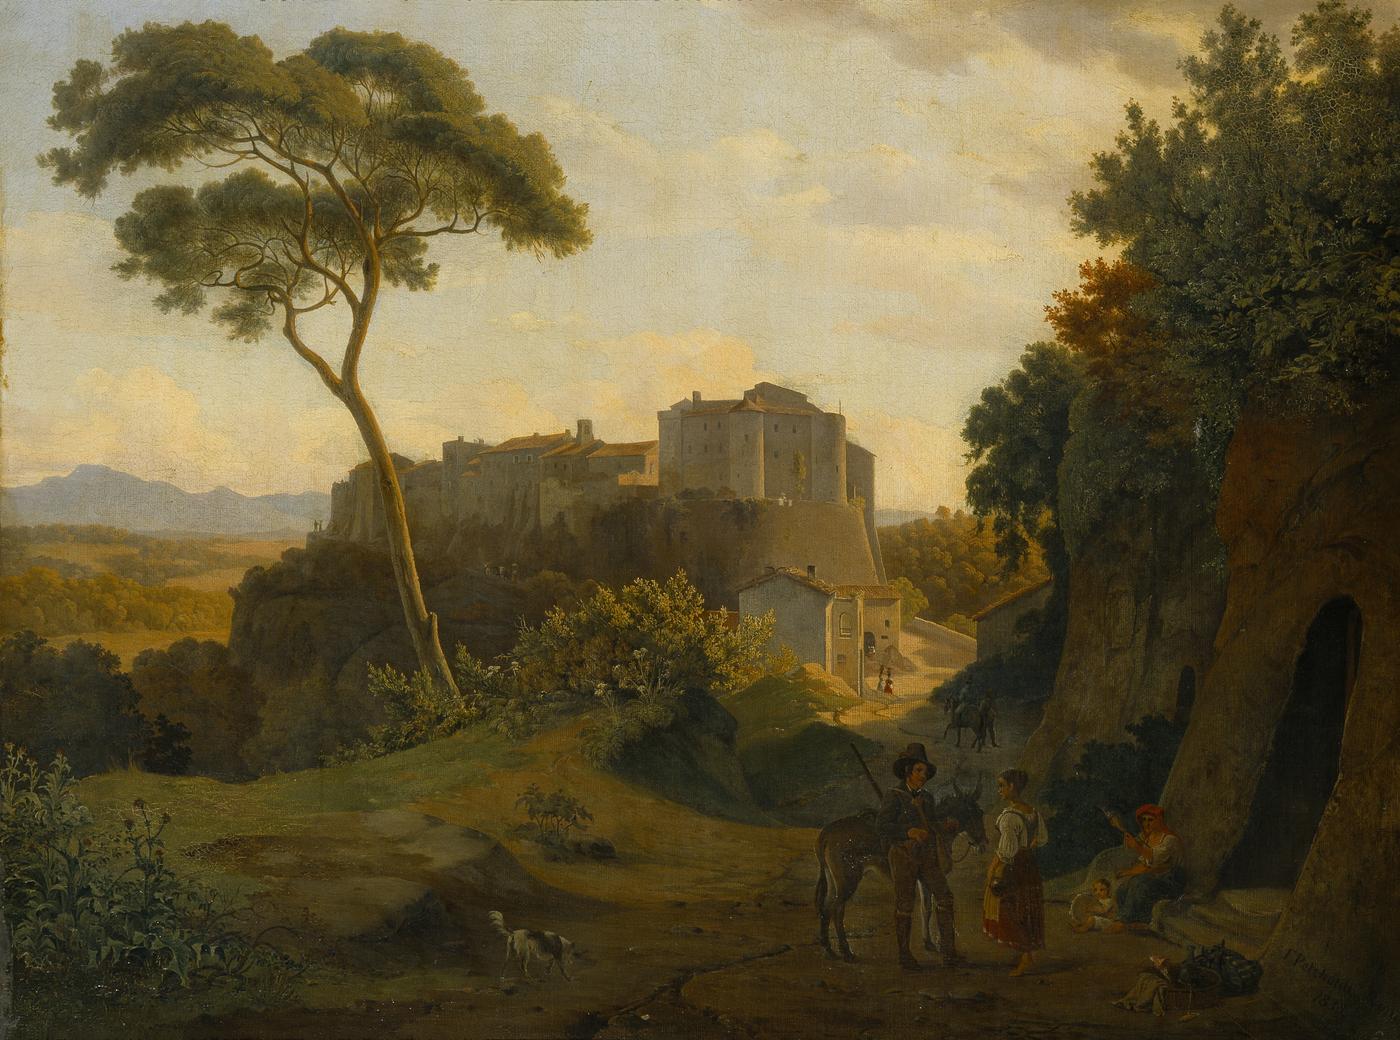 Nature Oil Painting Landscape